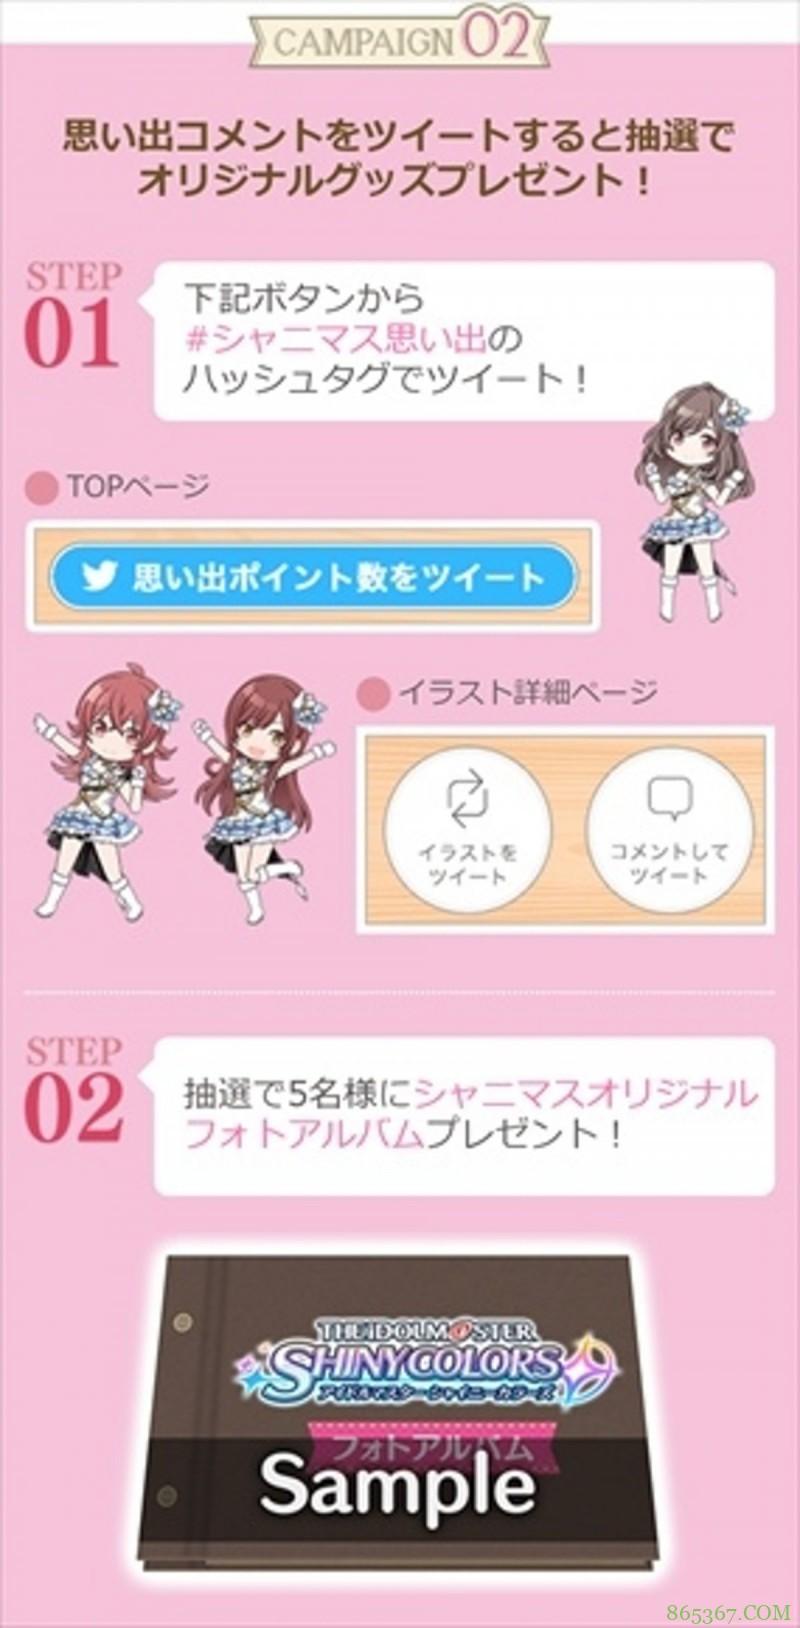 《偶像大师:闪耀色彩》手机版日本正式推出!